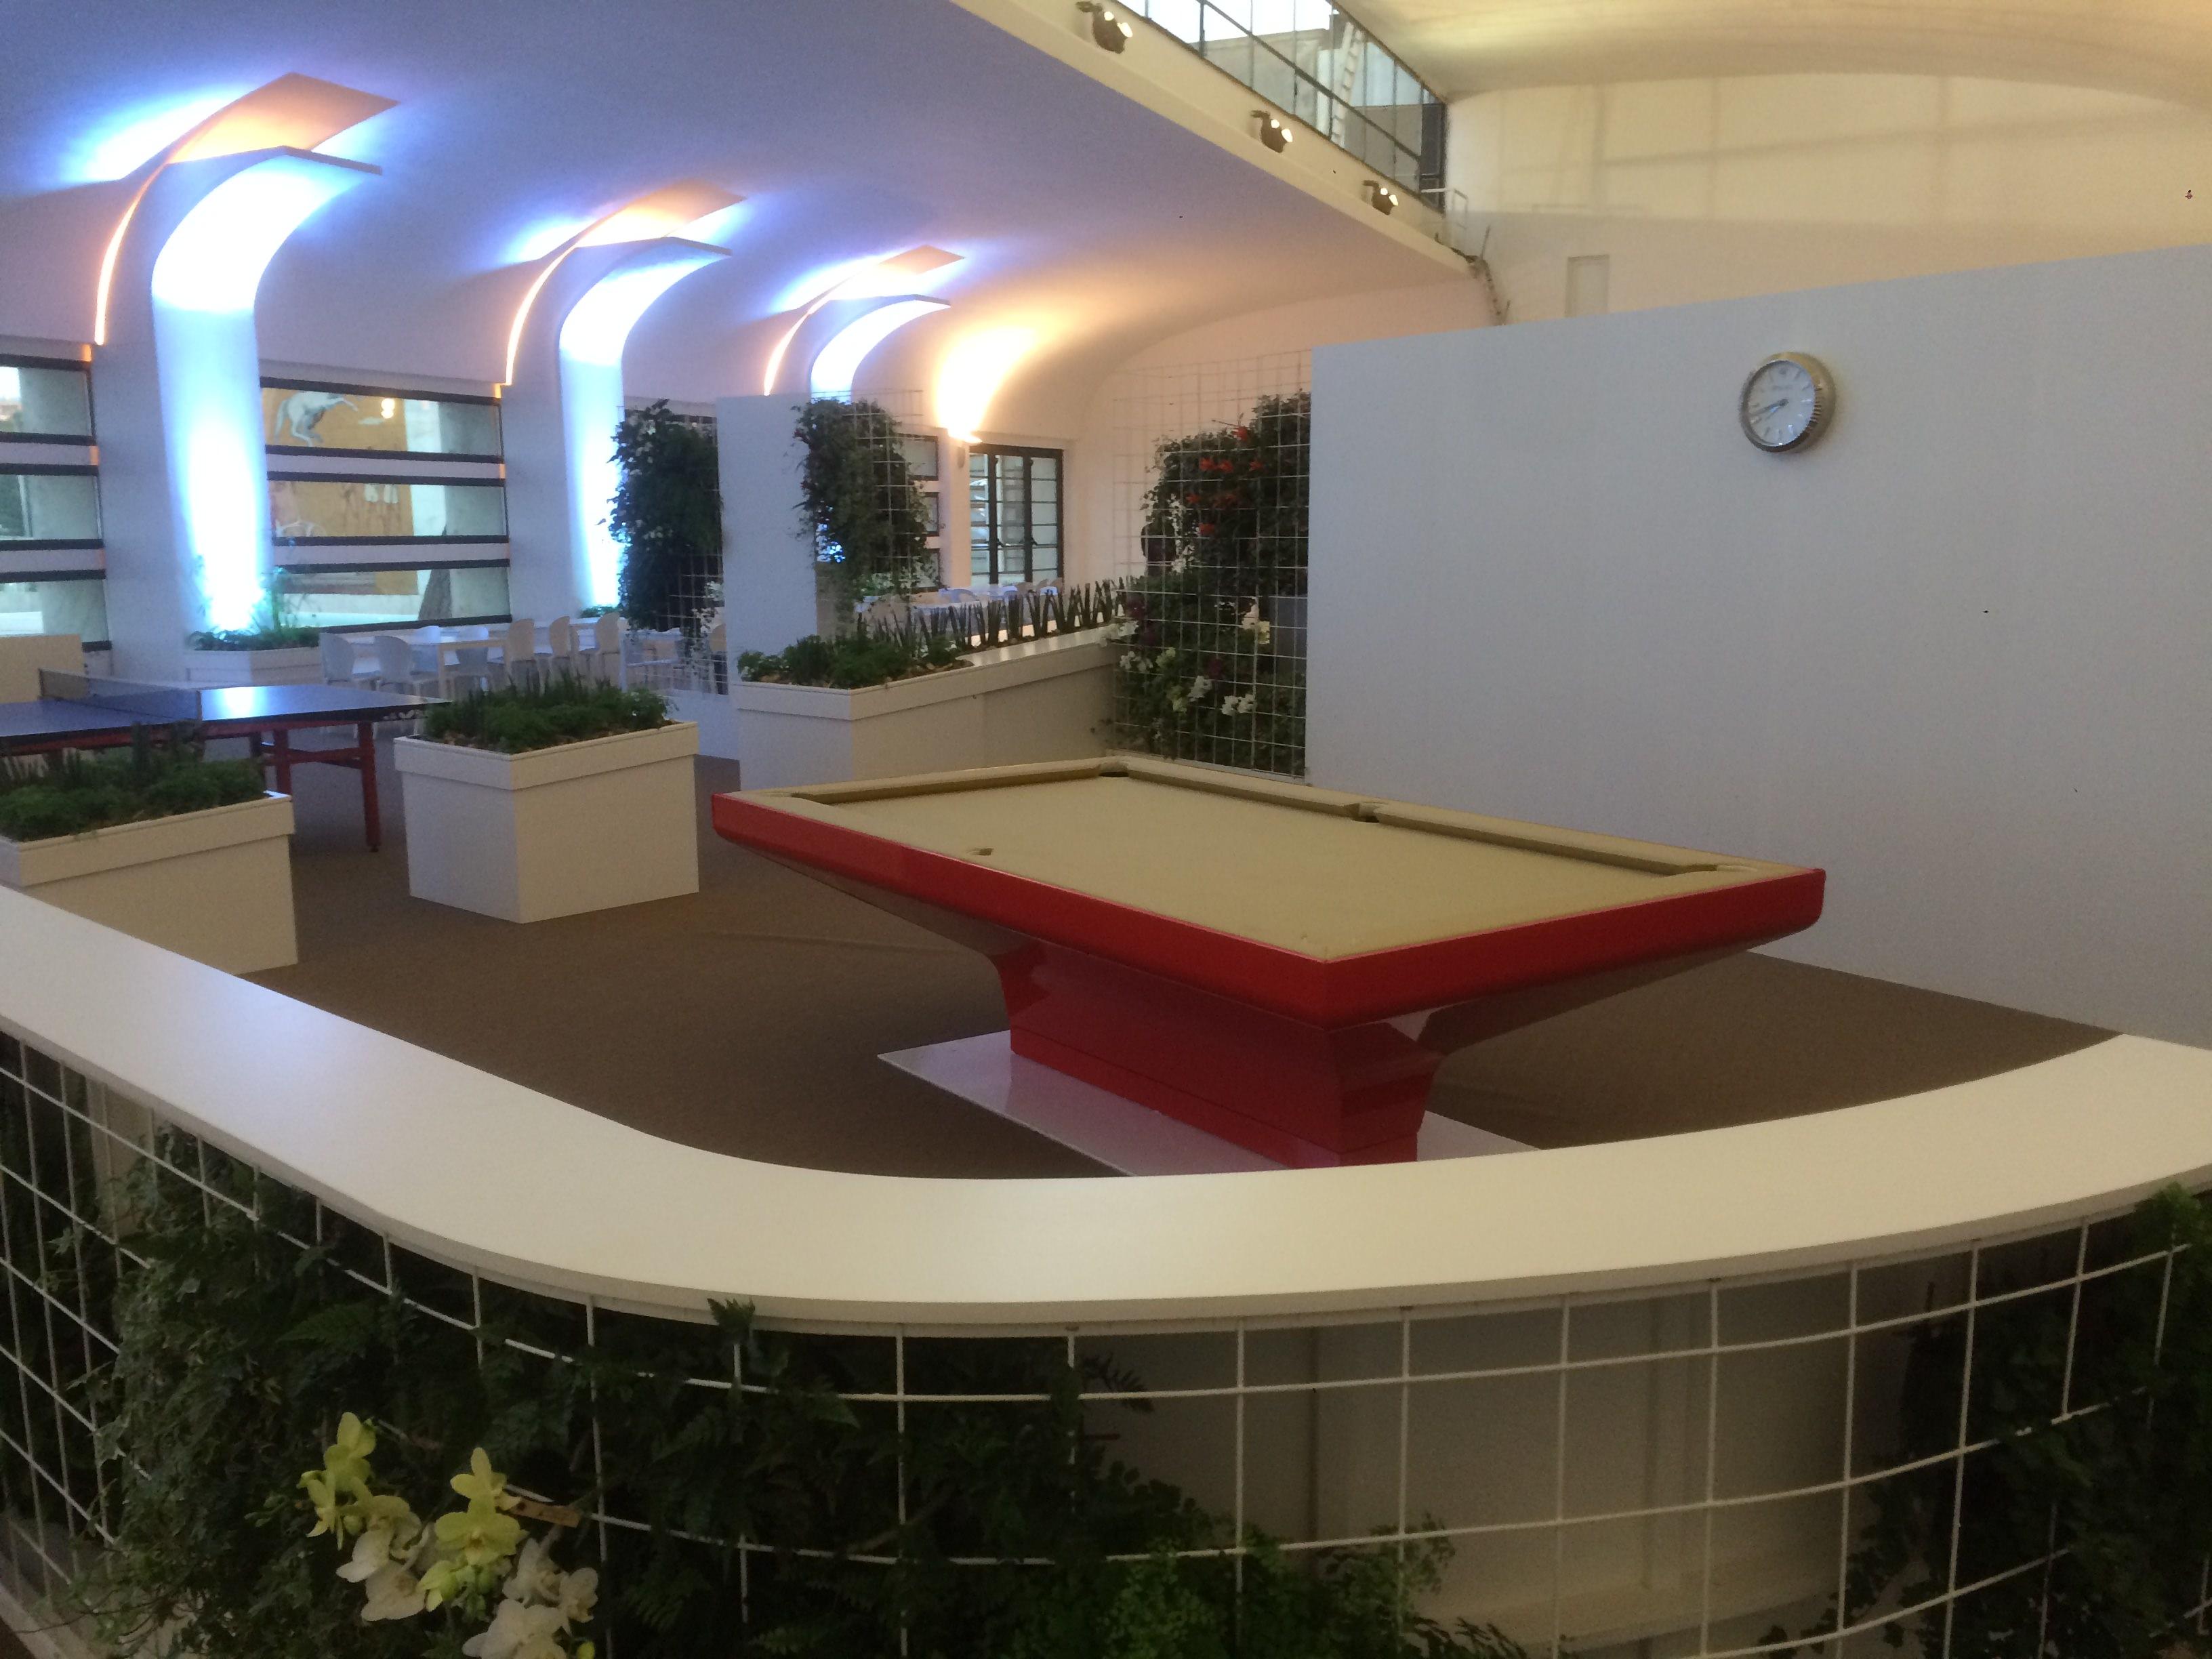 internazionali-bnl-italia-tennis-mbm-biliardi-big_1